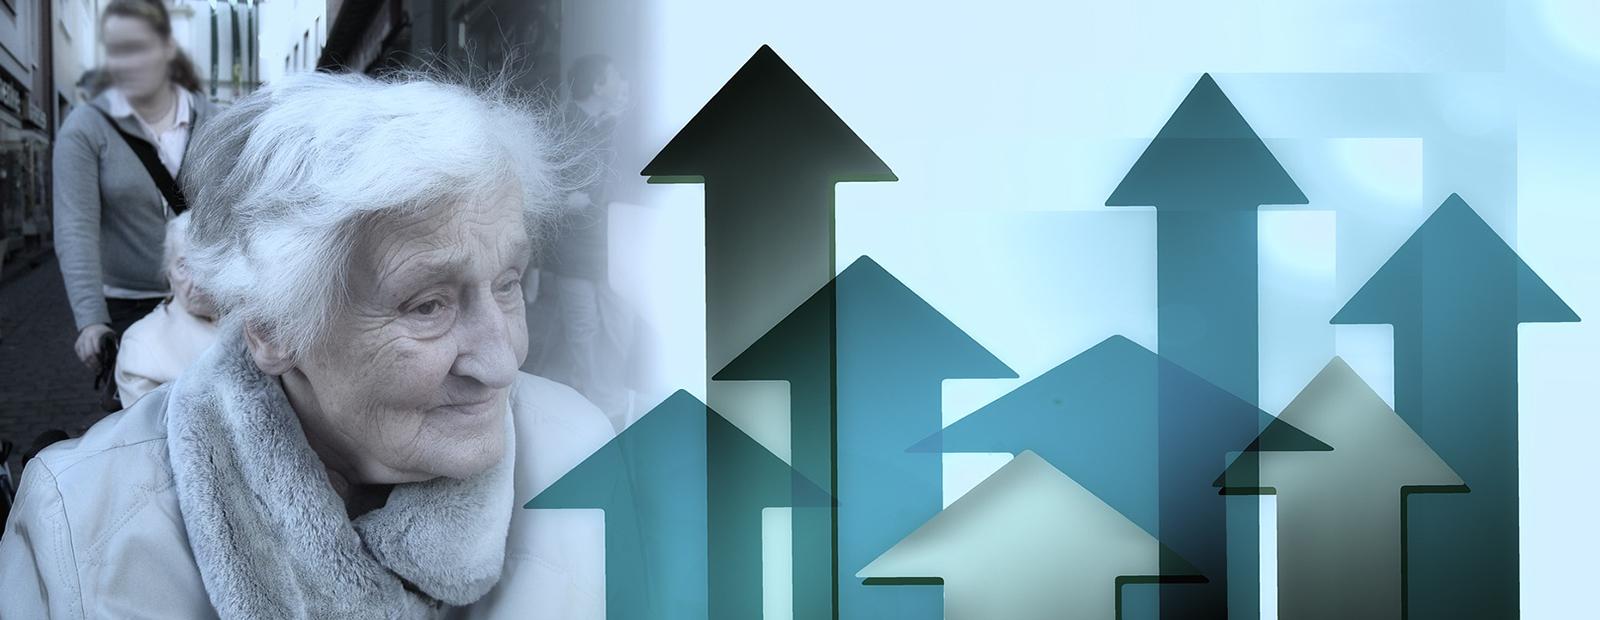 La atención médica de los jubilados, un problema de salud pública